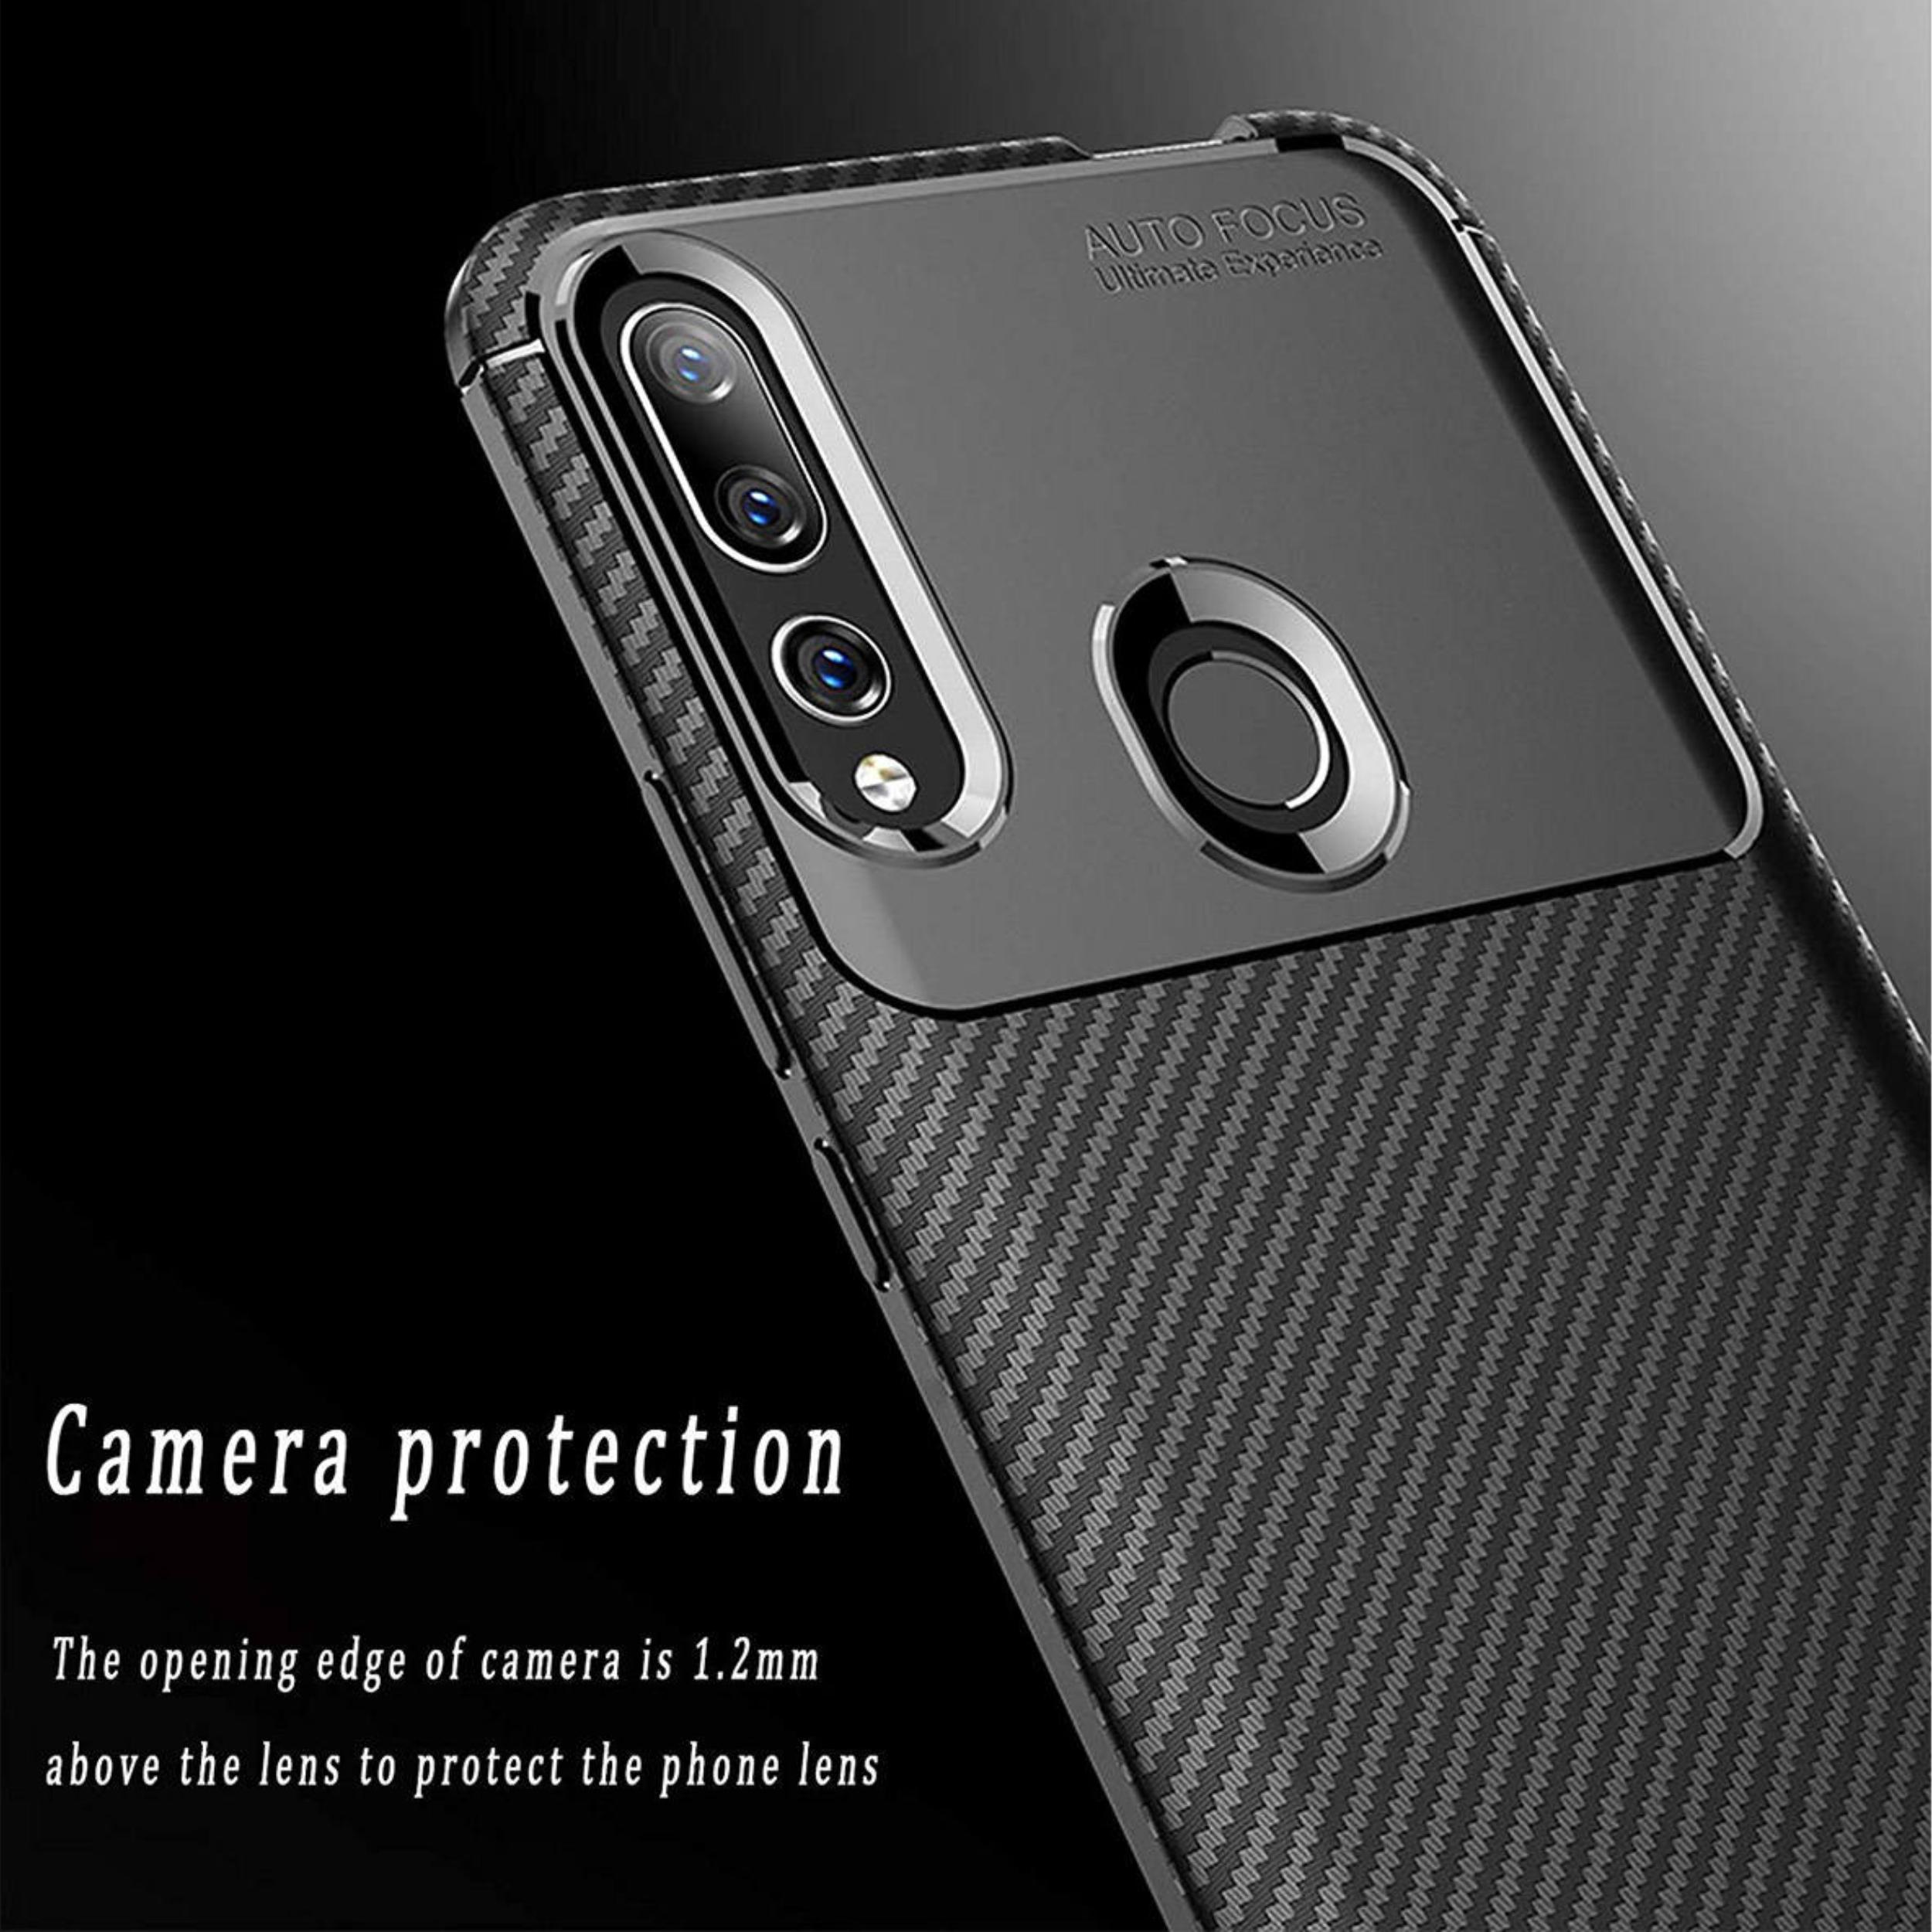 کاور لاین کینگ مدل A21 مناسب برای گوشی موبایل هوآوی Y9 Prime 2019 / آنر 9X thumb 2 2